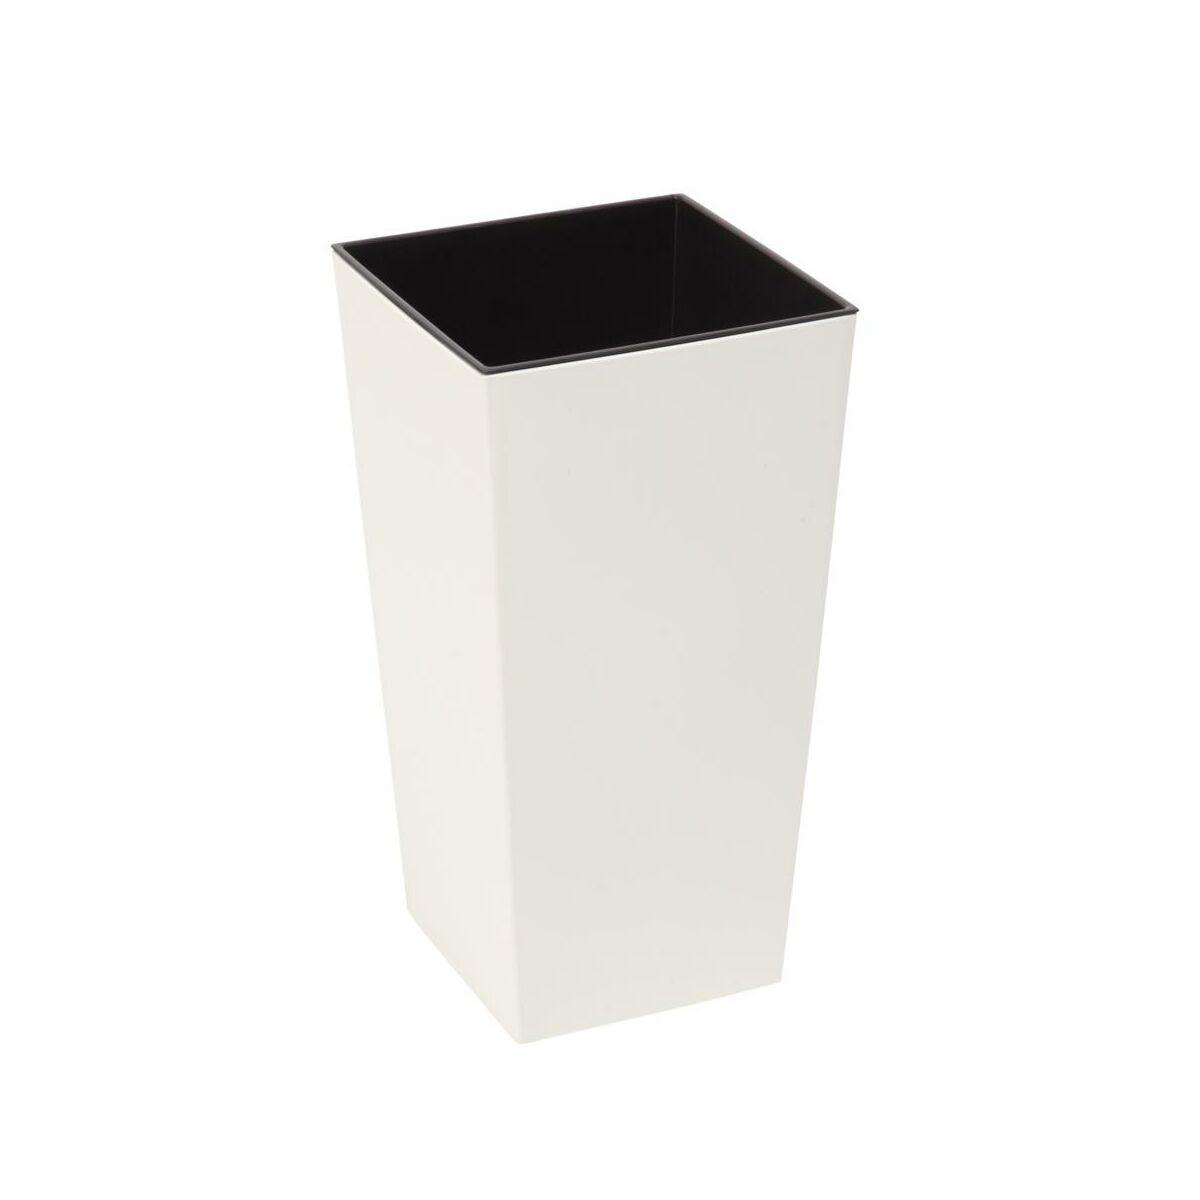 Doniczka Plastikowa 25 X 25 Cm Kremowa Finezja Doniczki W Atrakcyjnej Cenie W Sklepach Leroy Merlin